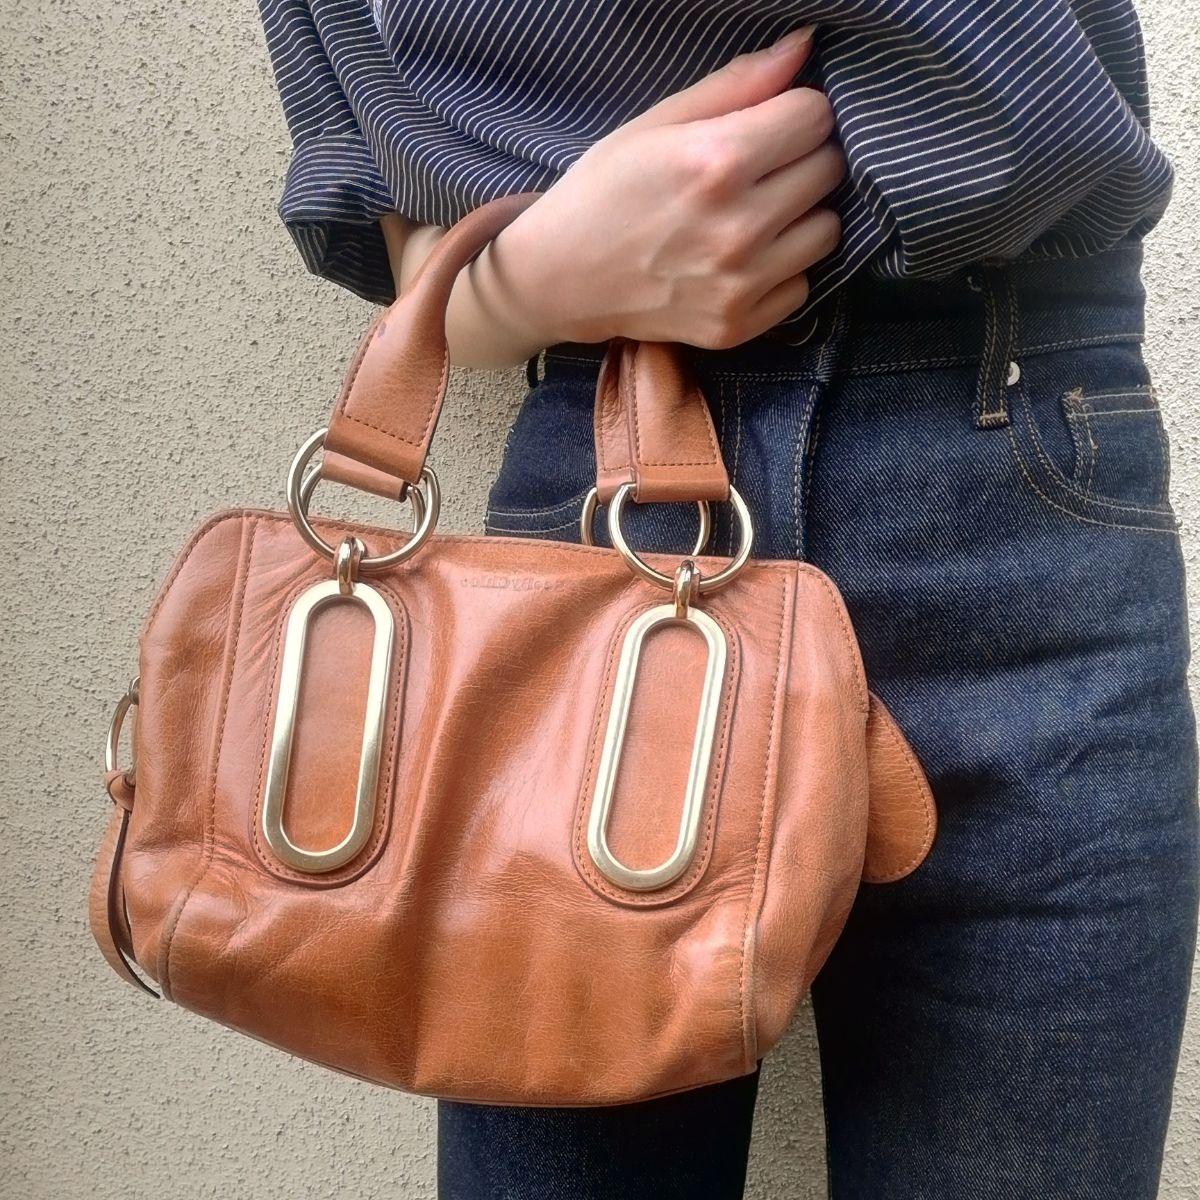 長く使いたい「ブランドバッグ」はどこのにする?オキニを見つけるための厳選法をご紹介【女子大生のリアル】